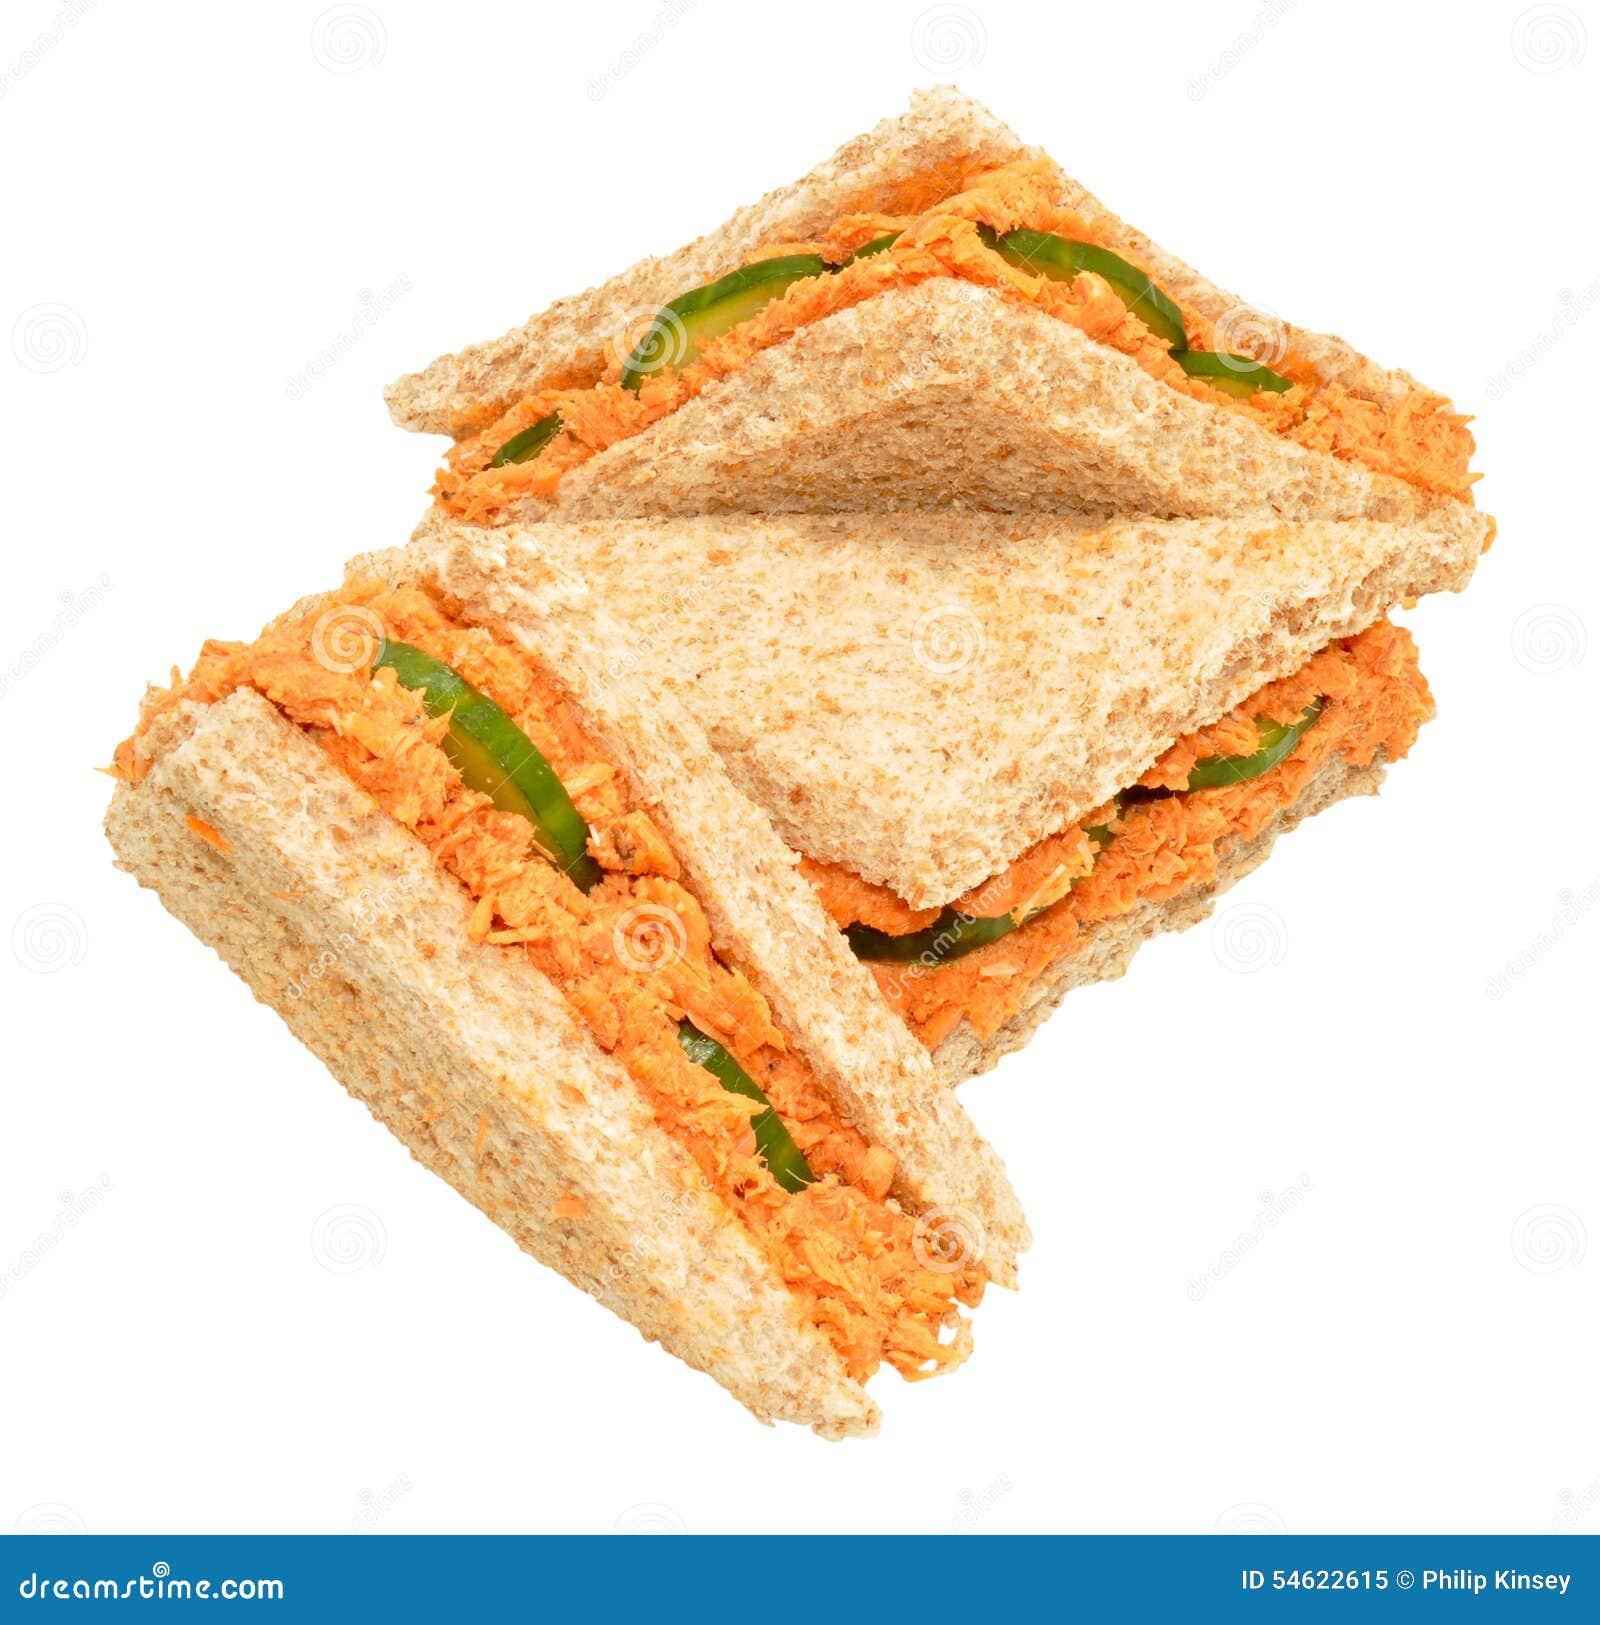 Cuke Sandwiches Representing